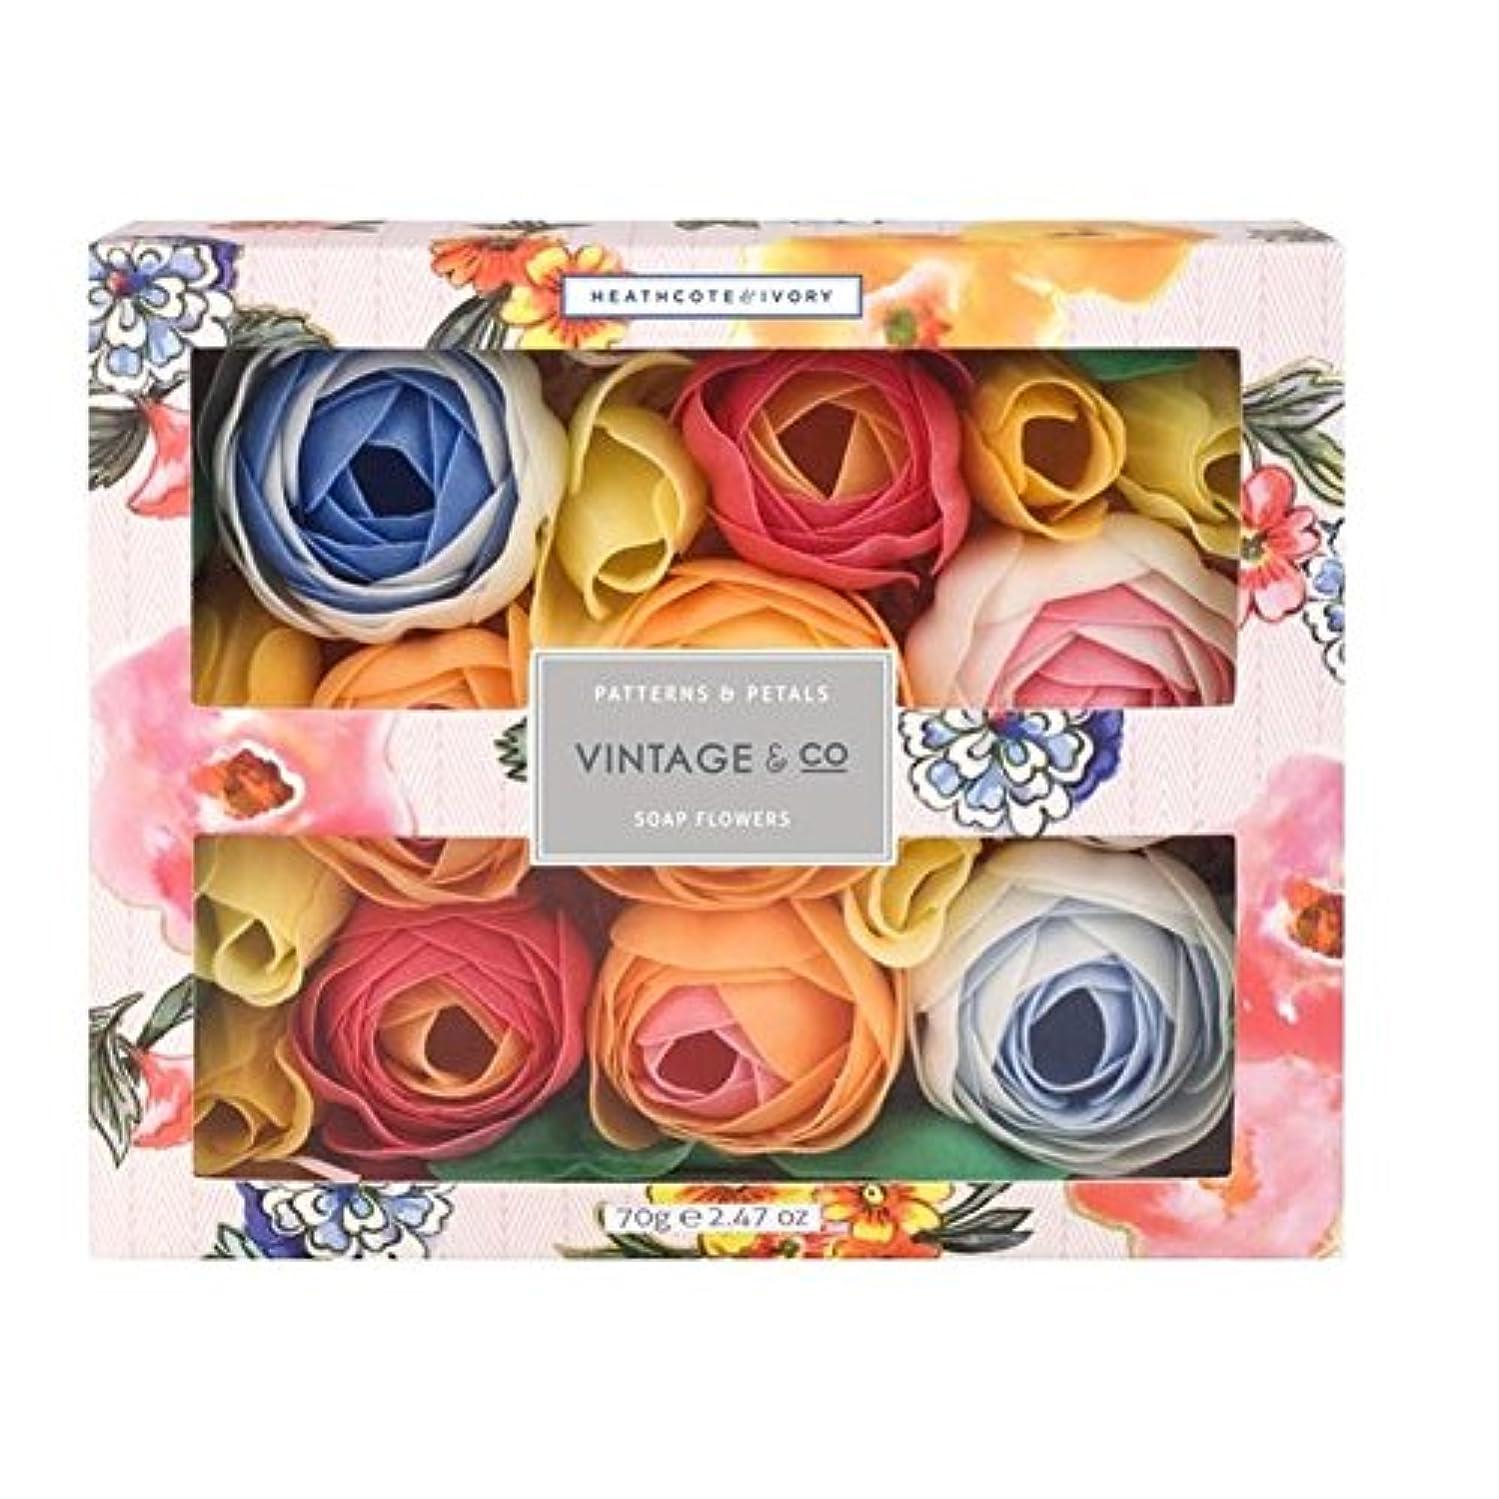 乱れ申し立てるプランテーションHeathcote & Ivory Patterns & Petals Soap Flowers 70g - ヒースコート&アイボリーパターン&花びら石鹸の花70グラム [並行輸入品]